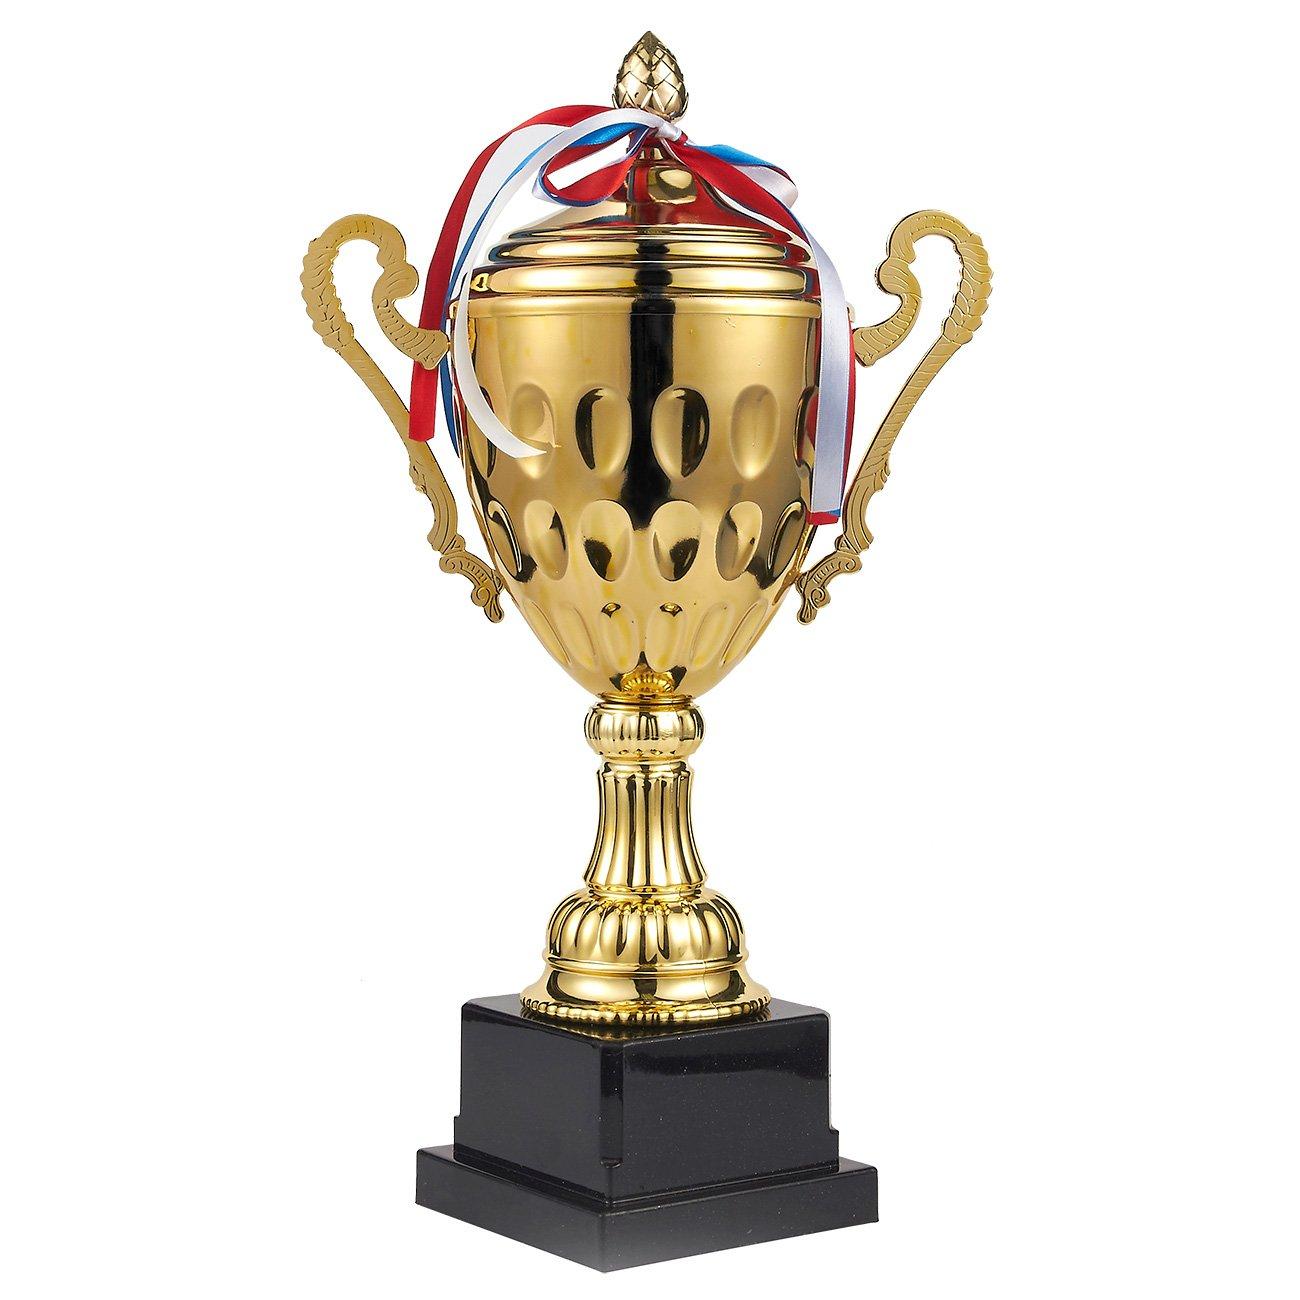 Juvale Trophée de Football–Grande Trophy, Gold Award pour Sports, Tournois, Concours, Doré Doré Large